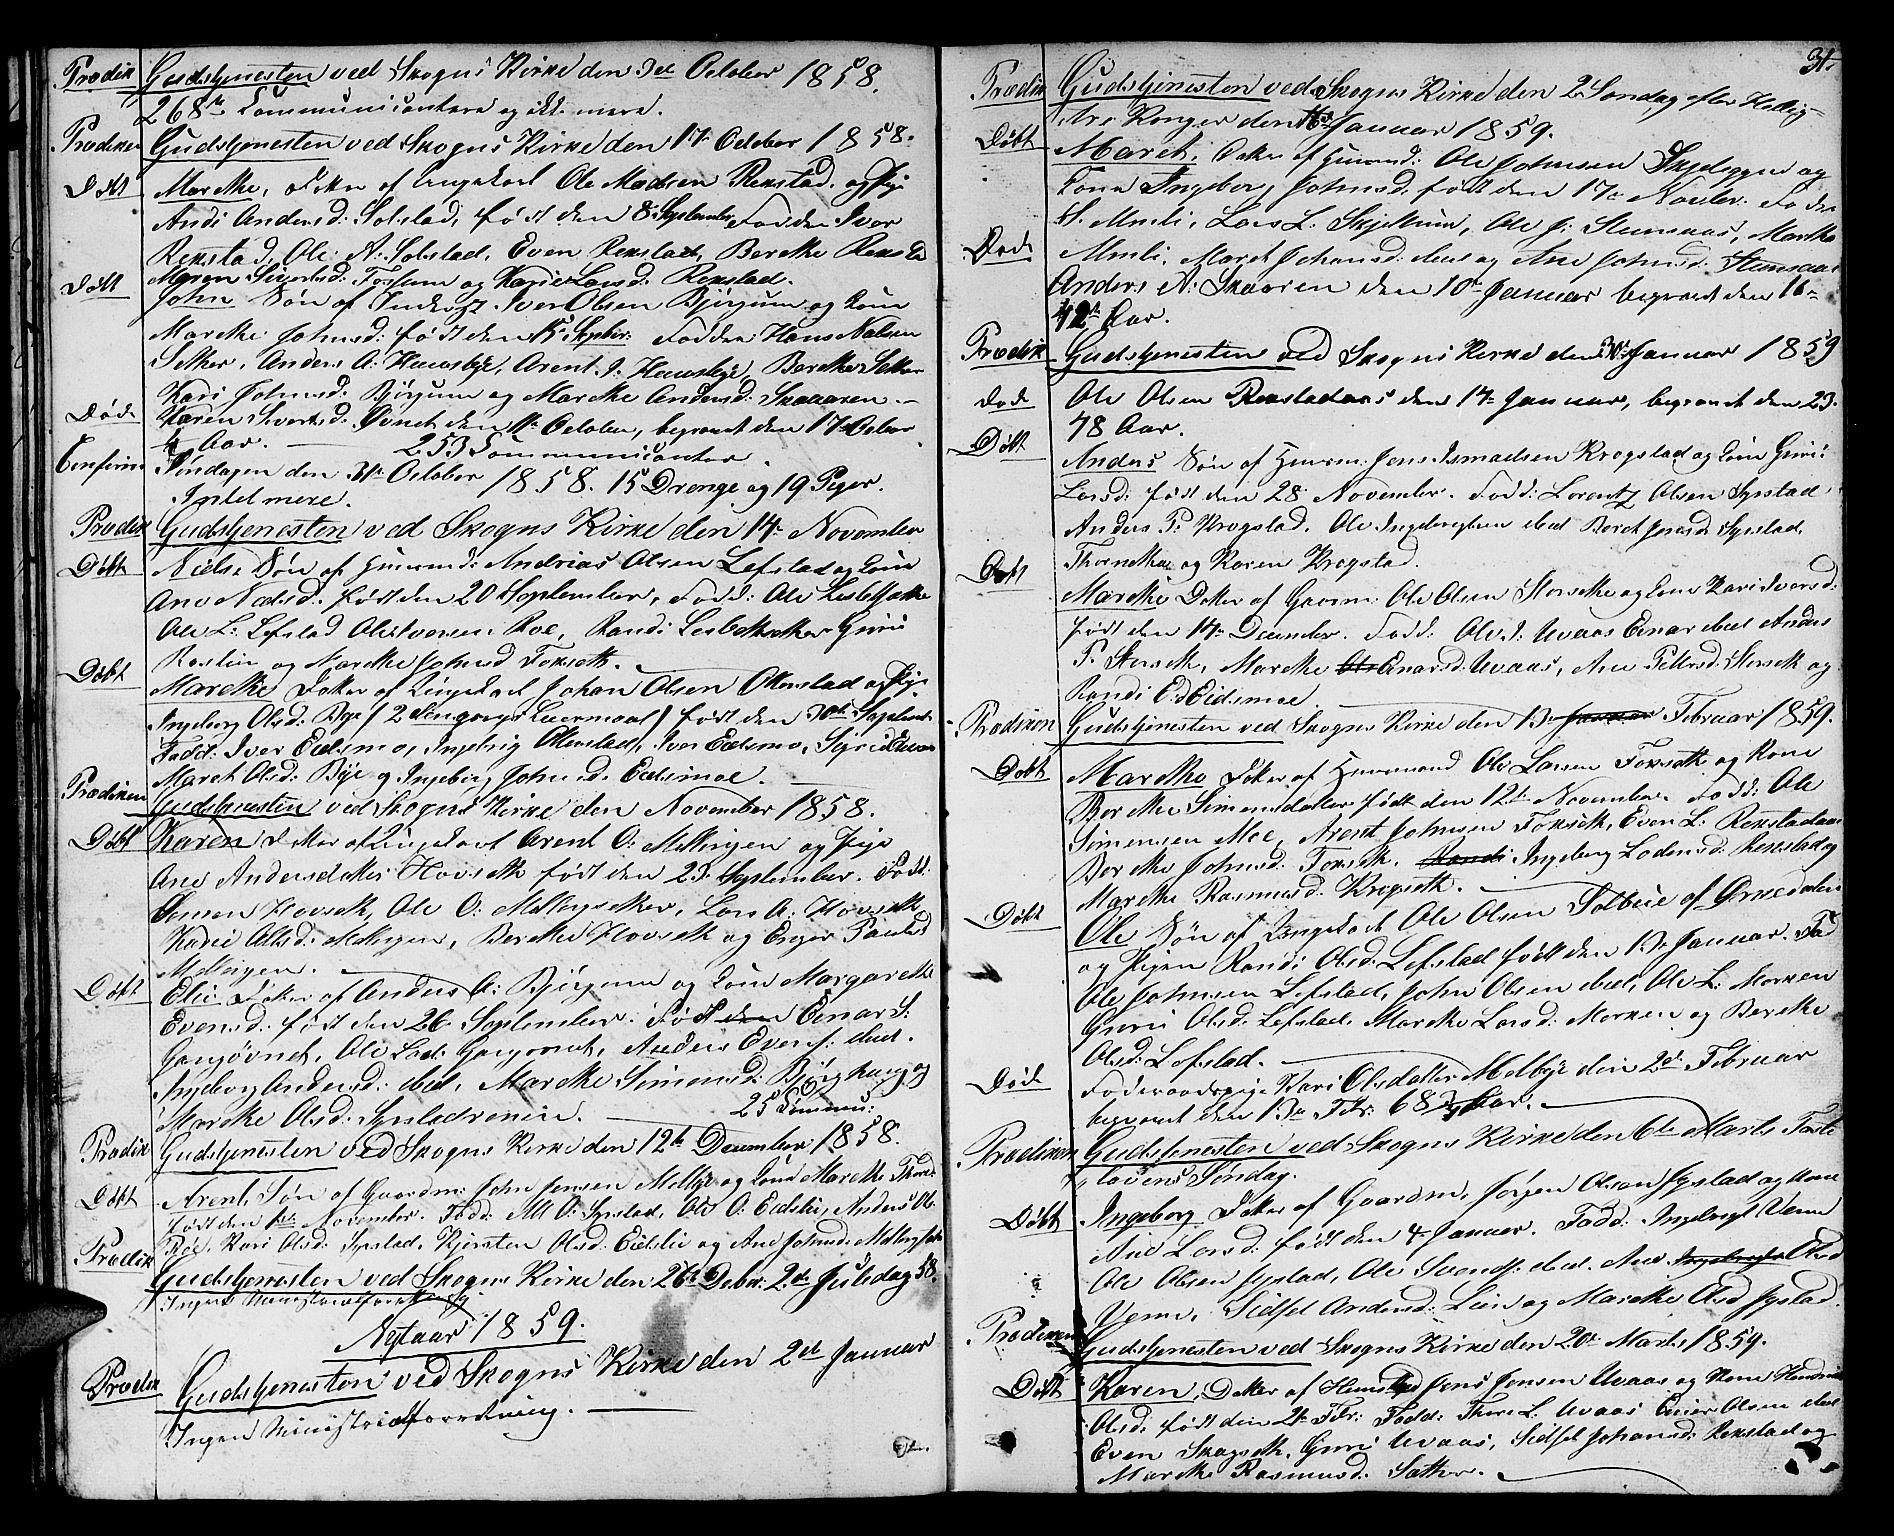 SAT, Ministerialprotokoller, klokkerbøker og fødselsregistre - Sør-Trøndelag, 667/L0797: Klokkerbok nr. 667C02, 1849-1867, s. 31